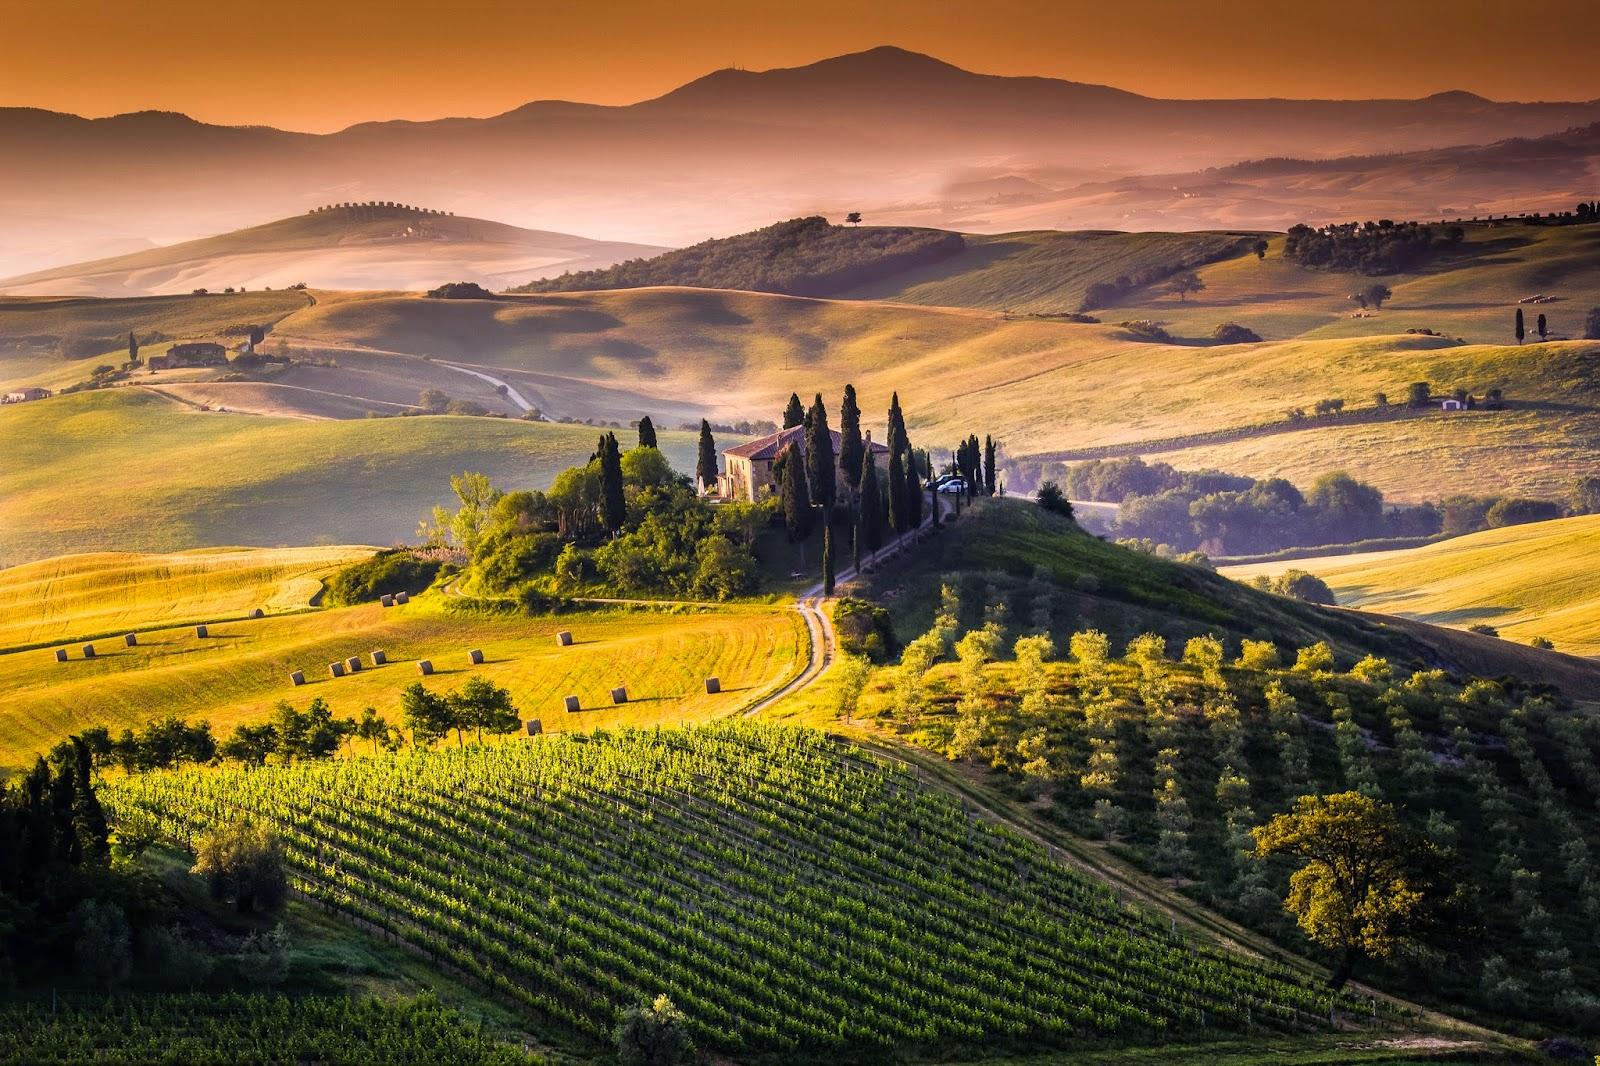 http://funmozar.com/tuscany-italy/